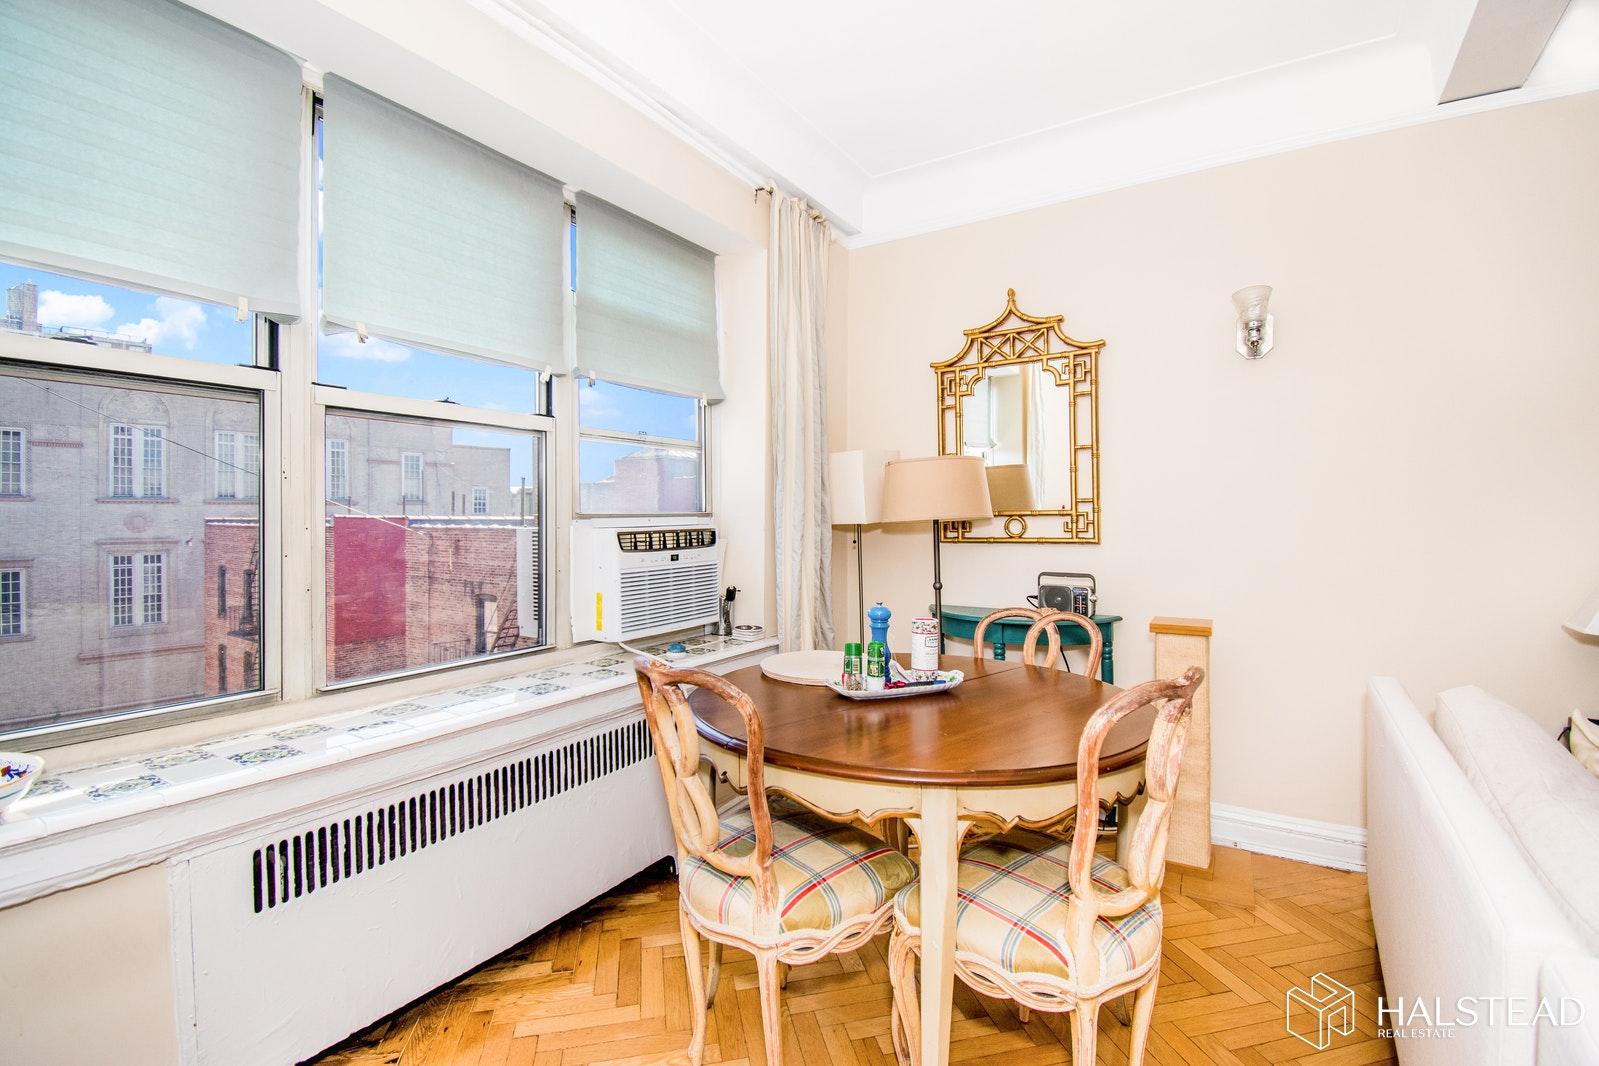 Apartment for sale at 255 Cabrini Boulevard, Apt 6F